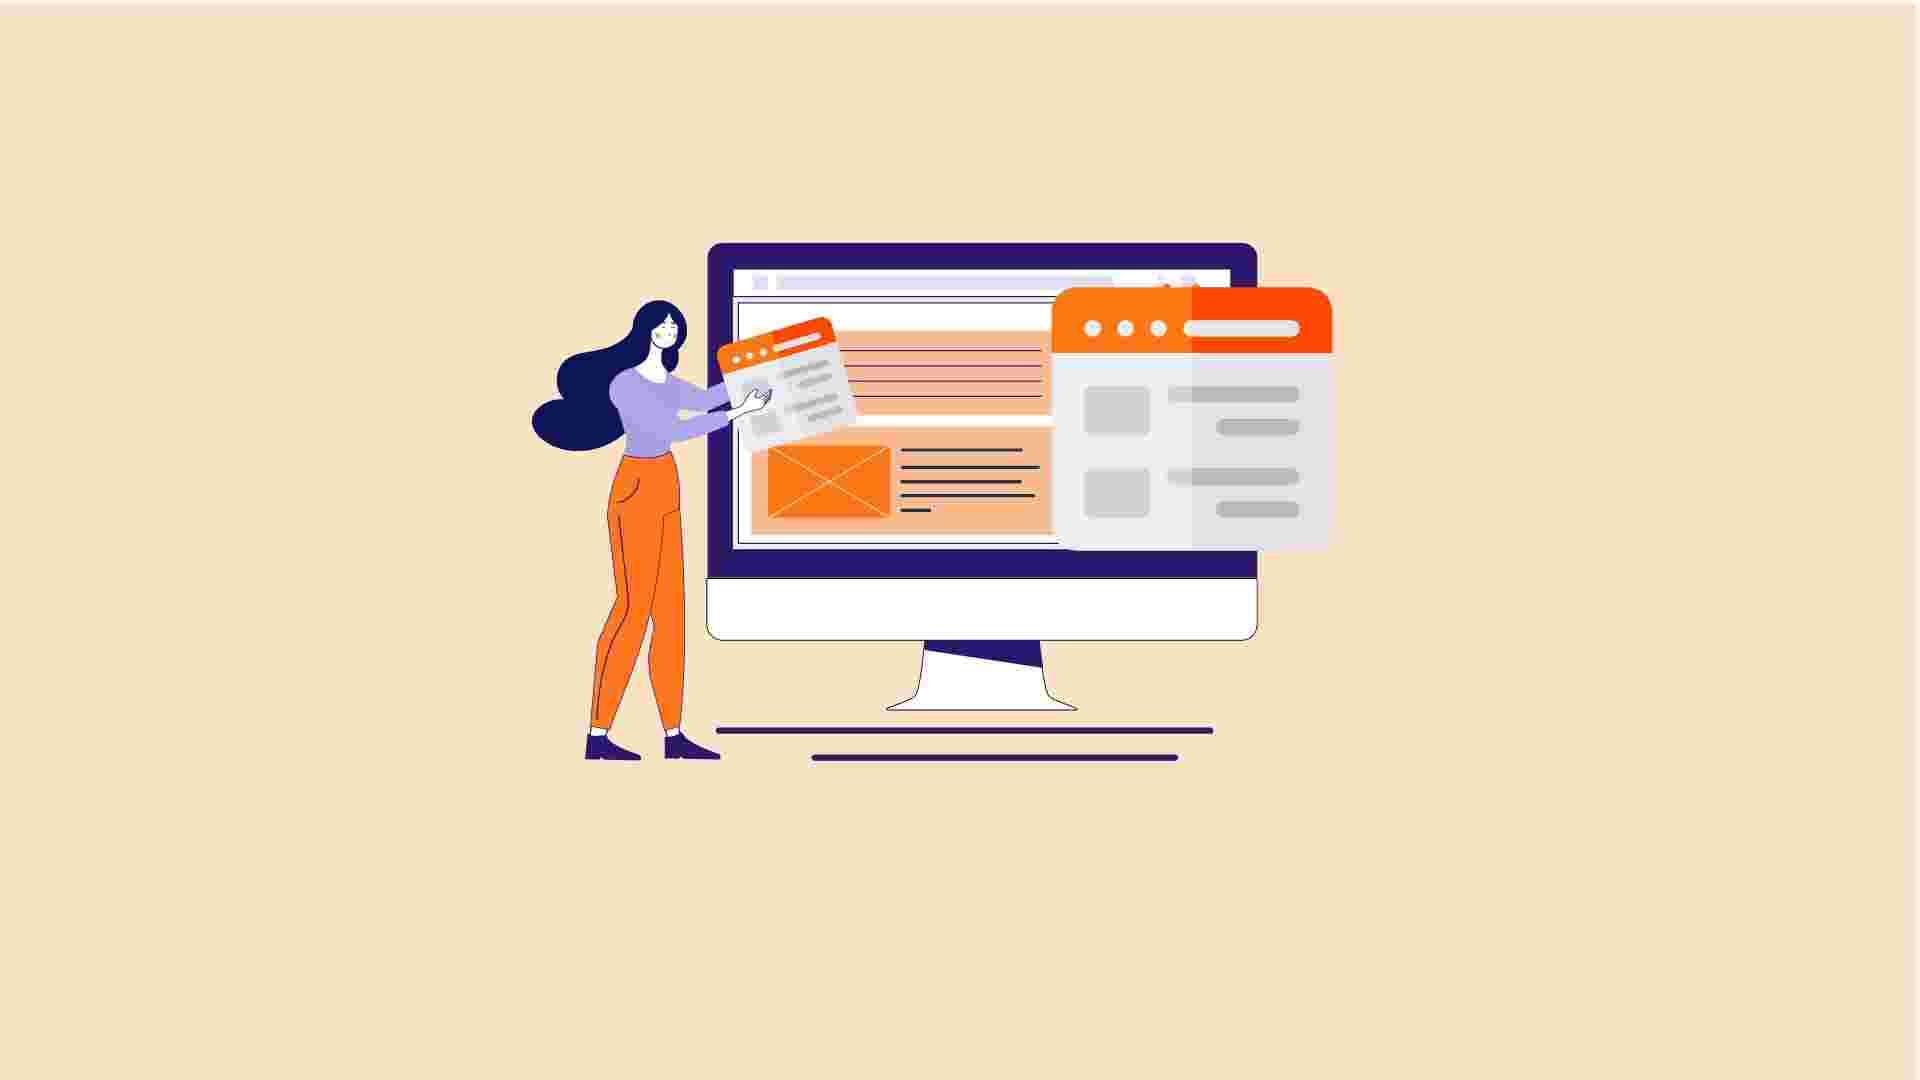 آموزش ساخت منوی کشویی با html و css